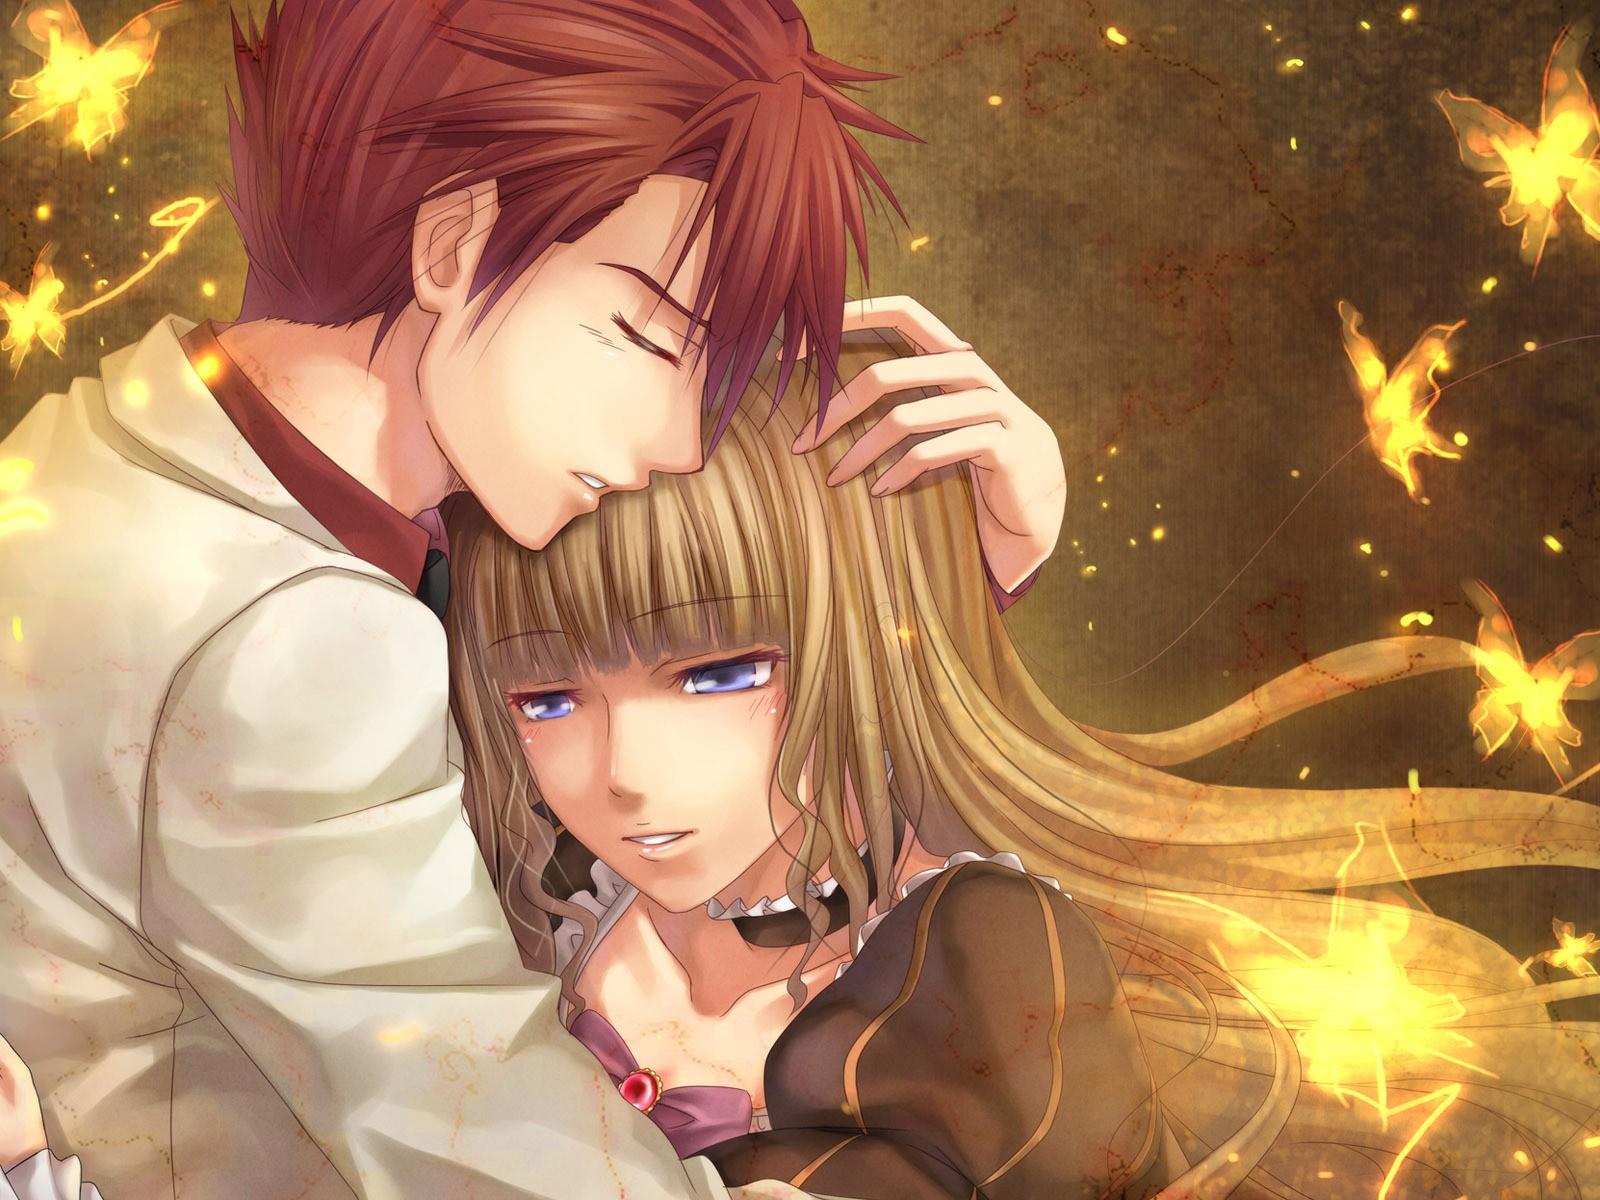 Новые аниме картинки любовь